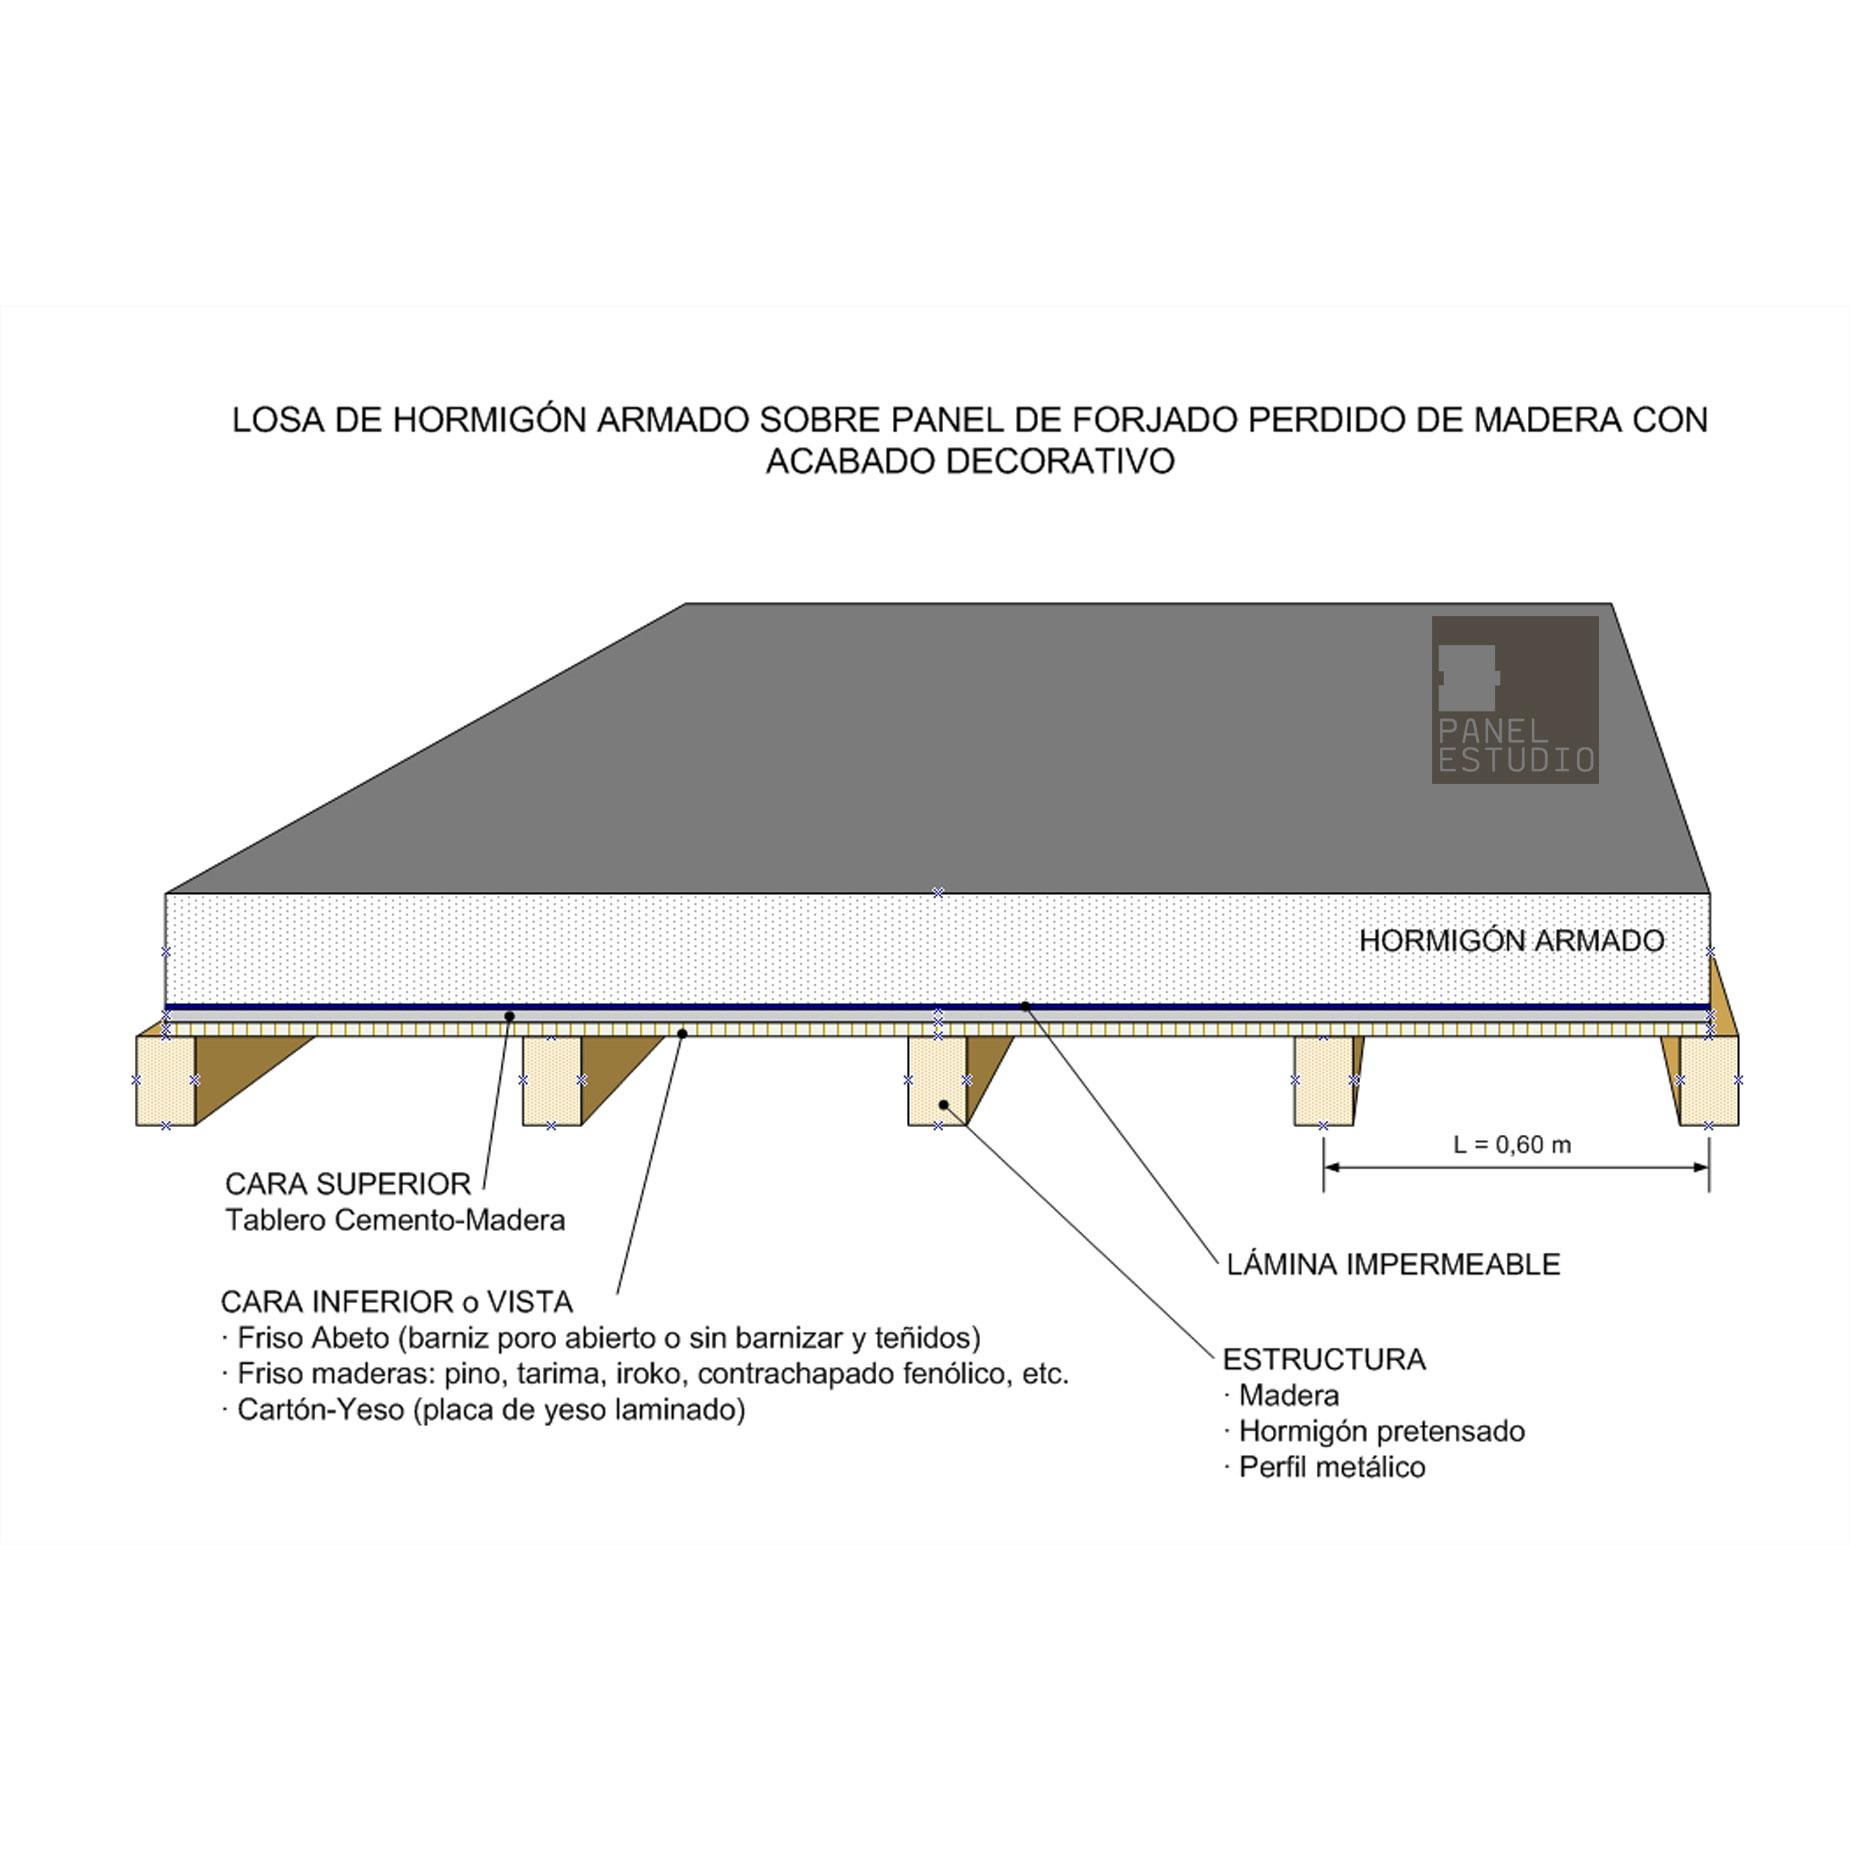 Panel bicapa para forjado perdido decorativo for Forjado estructura metalica